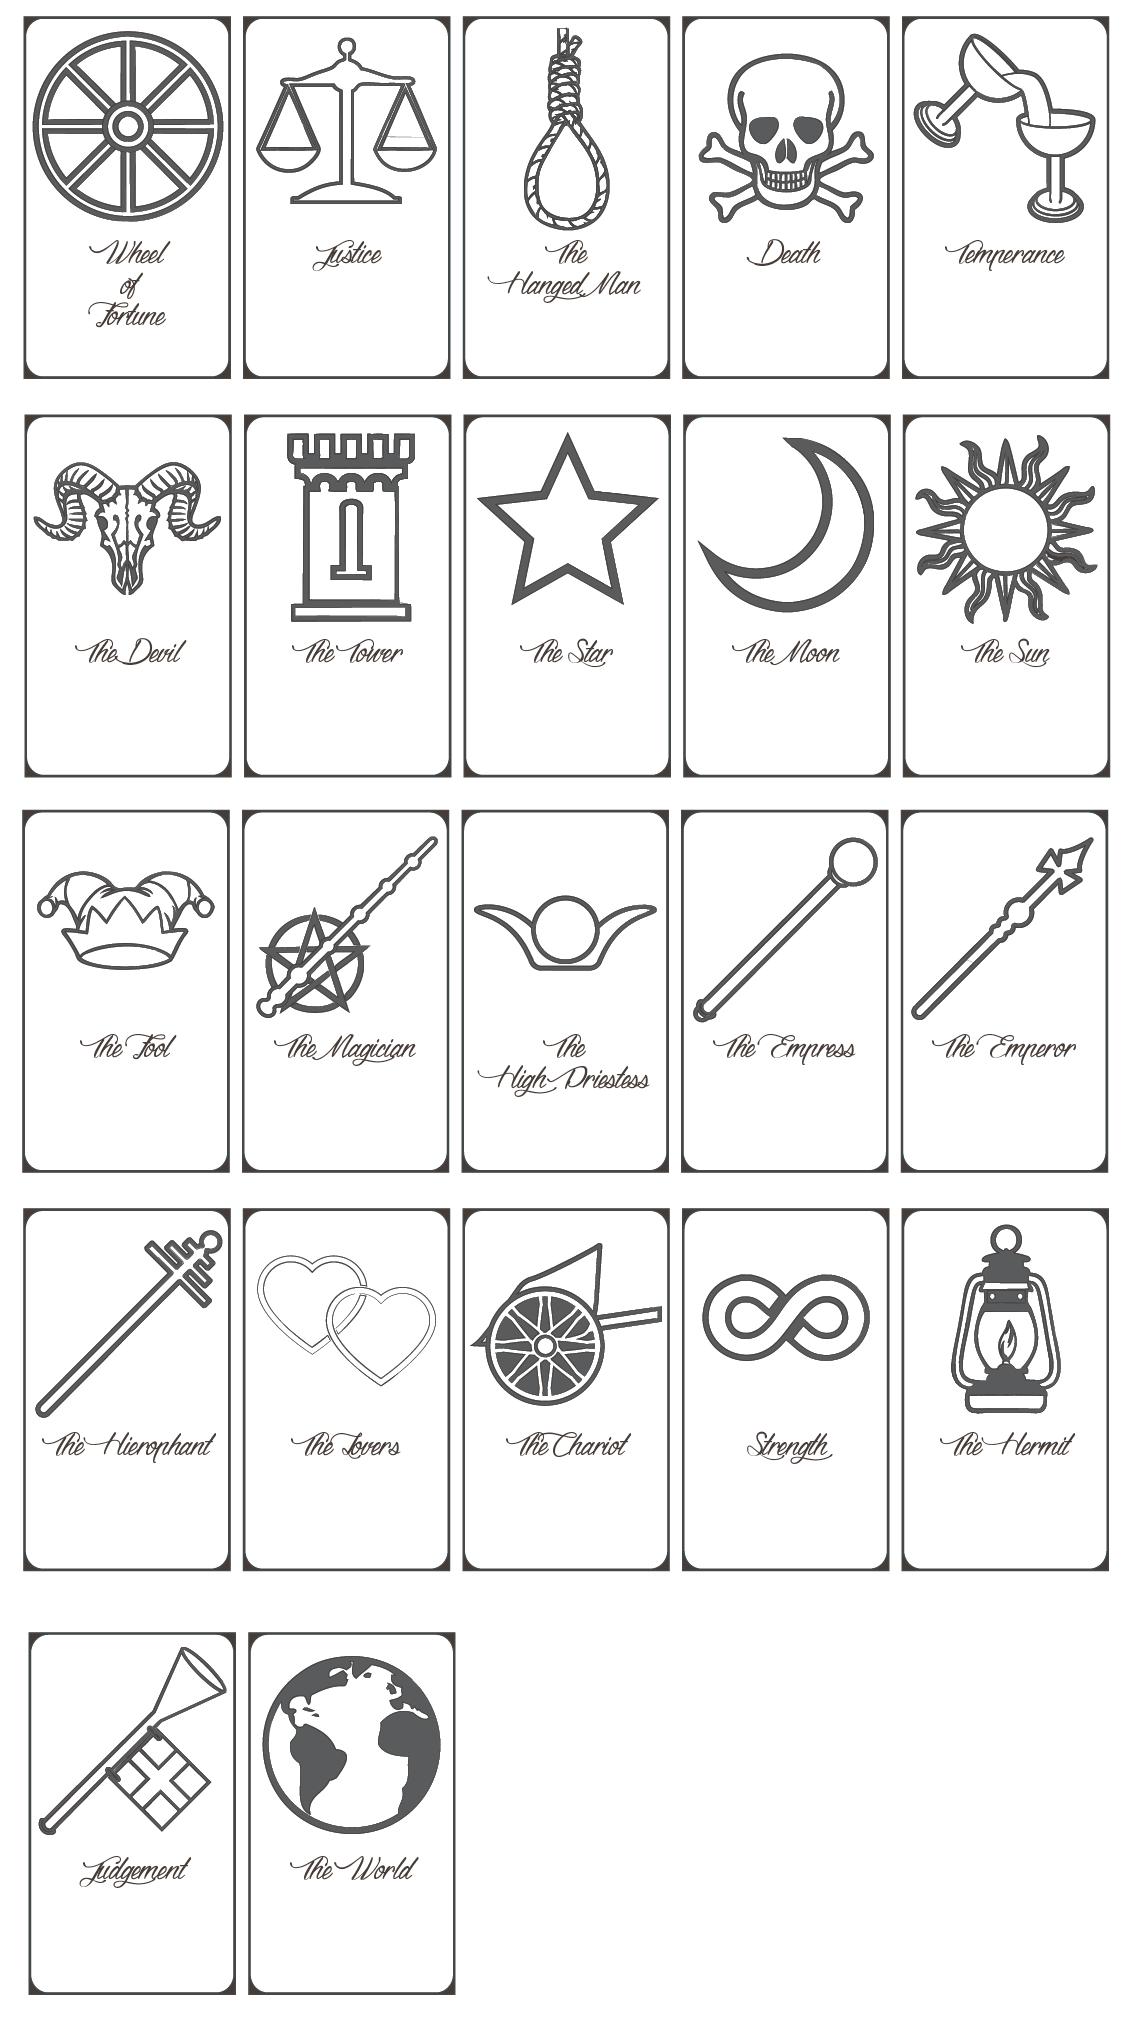 Free Printable Tarot Cards Pdf - Printable Cards - Free Printable Tarot Cards